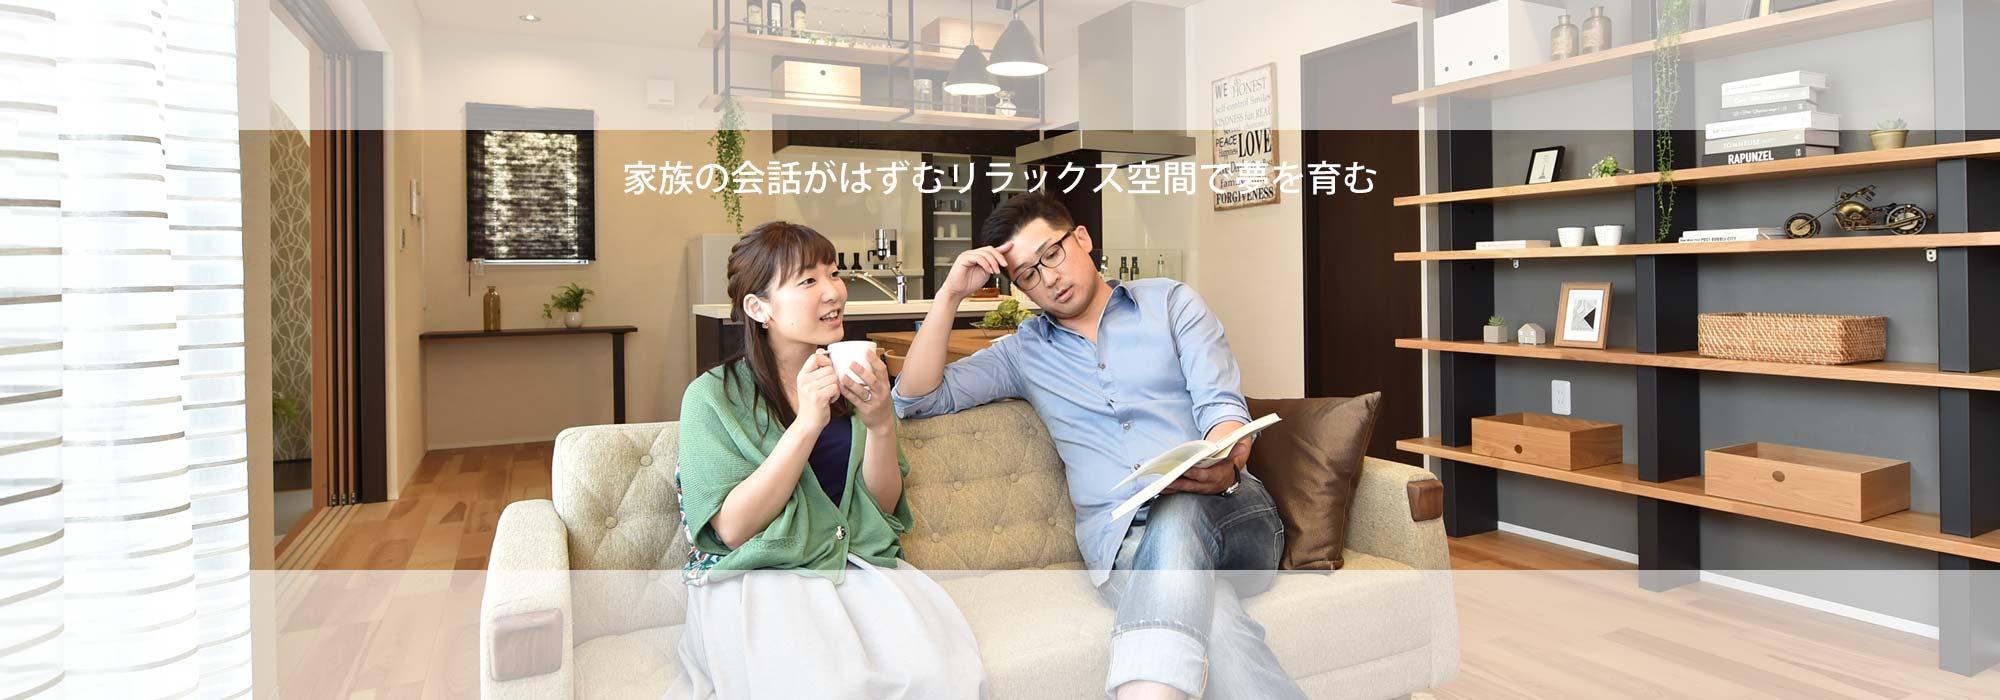 家族の会話がはずむリラックス空間で夢を育む